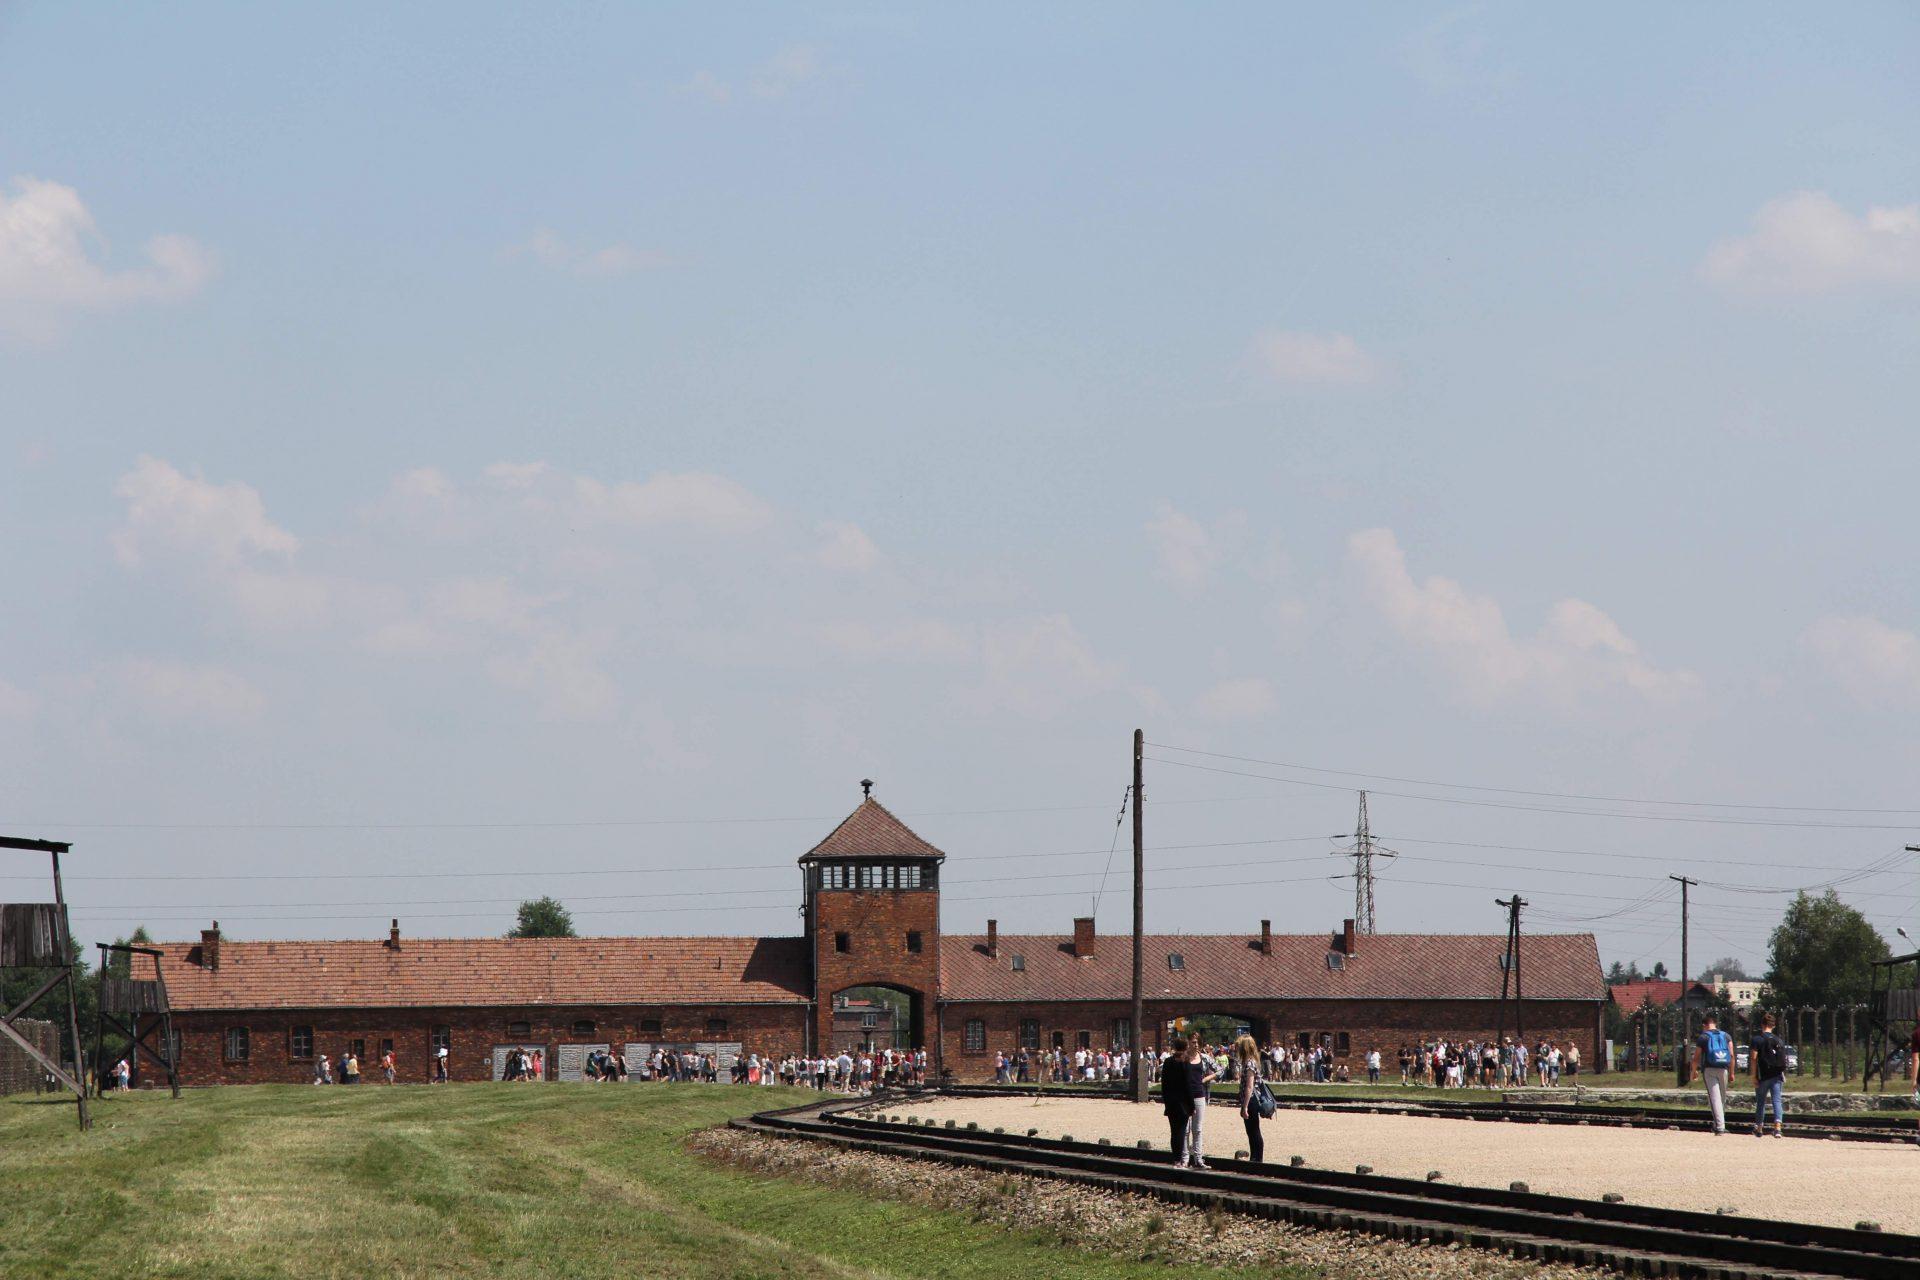 Концентрационный лагерь и лагерь смерти Аушвиц-Биркенау, Освенцим, Польша. Июль, 2013